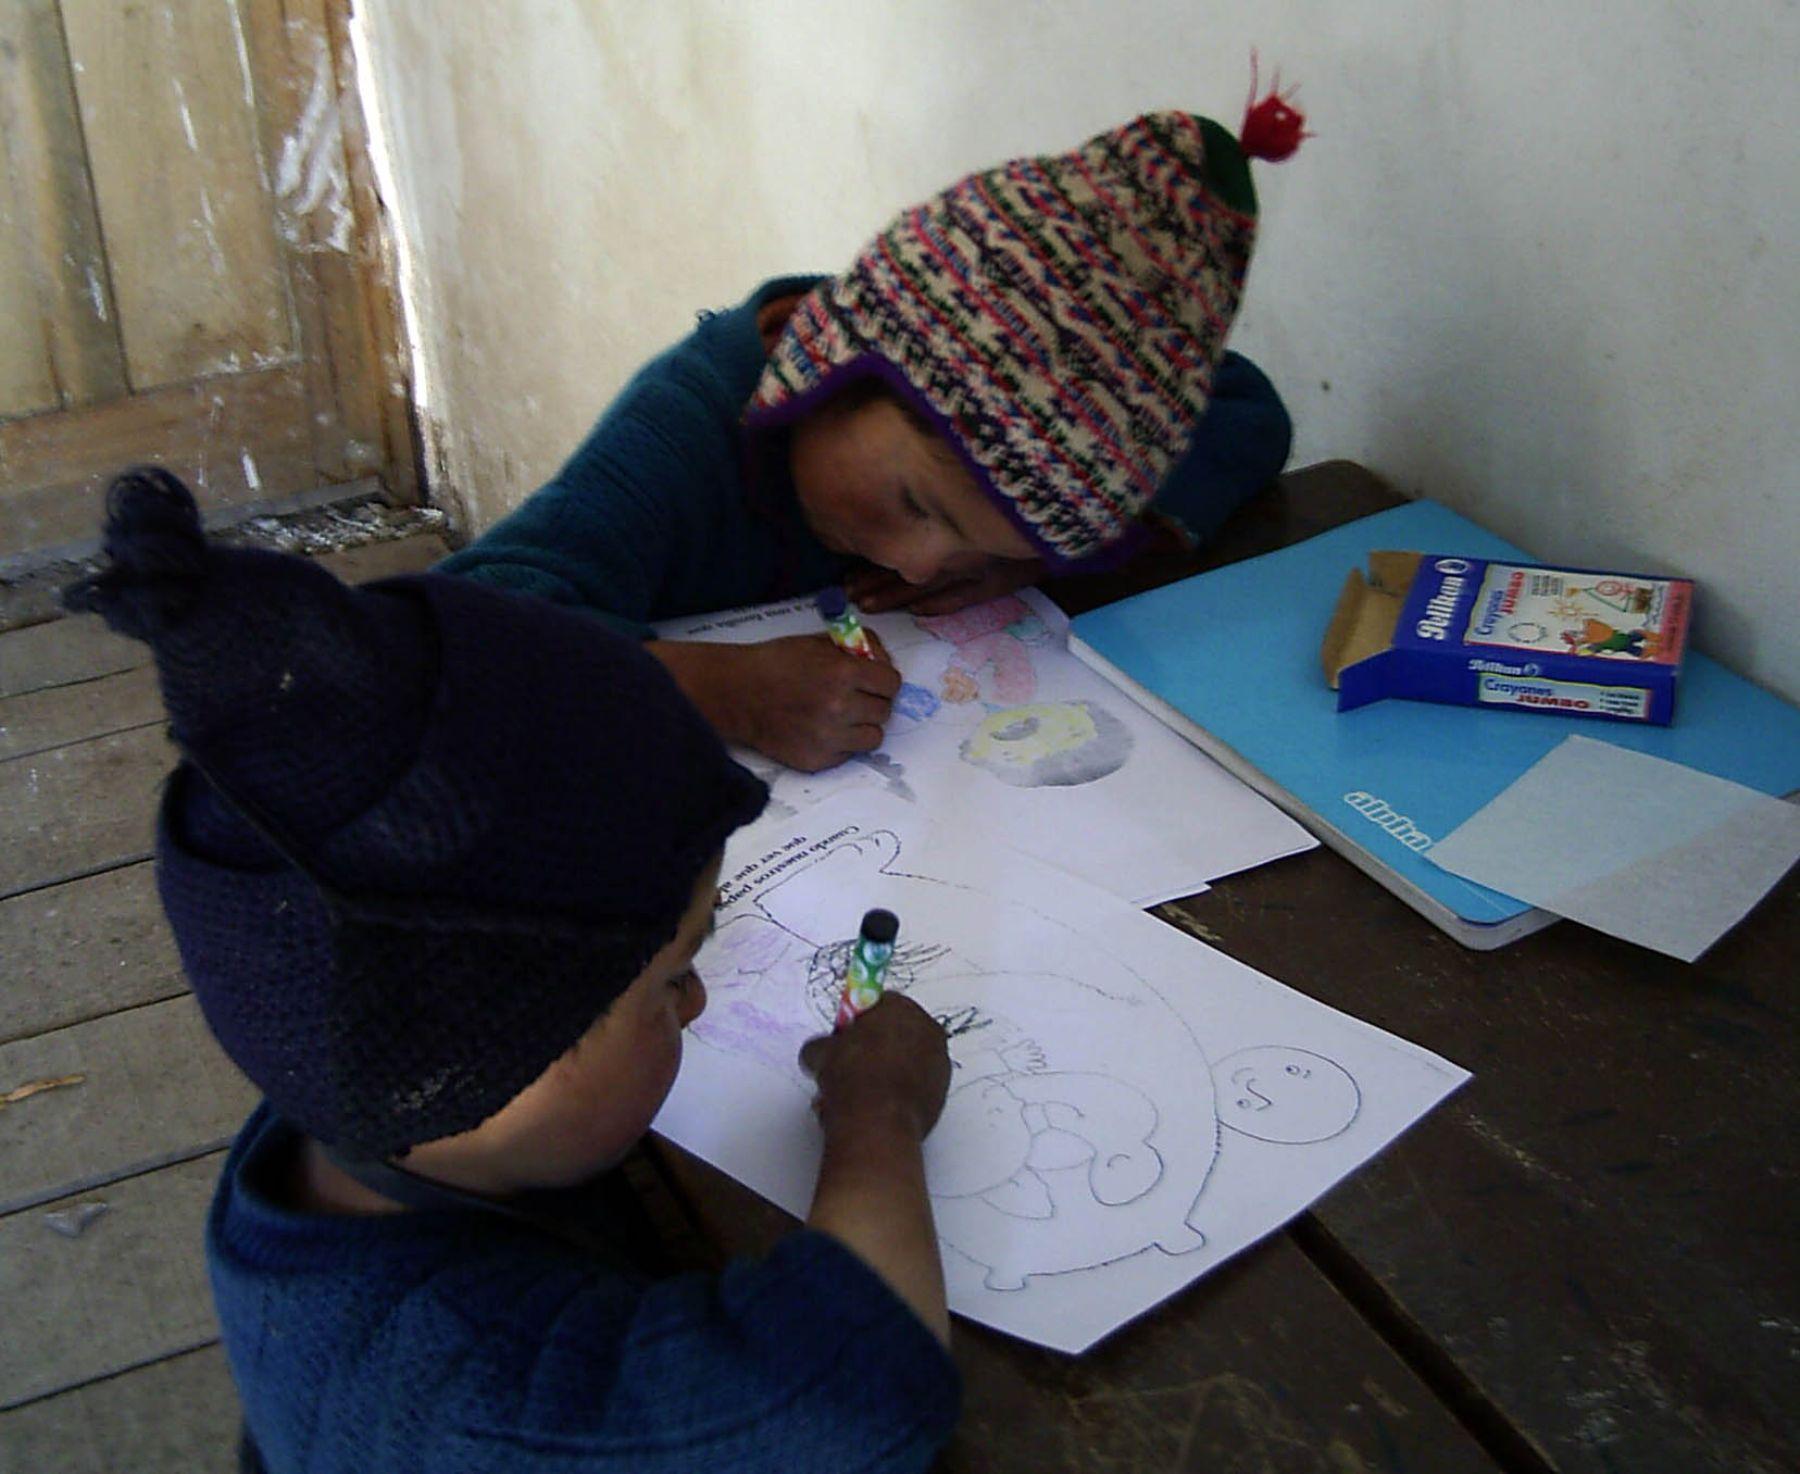 Los escolares deben utilizar en todo momento ropa de abrigo para mitigar el impacto de las bajas temperaturas. Foto: ANDINA/archivo.